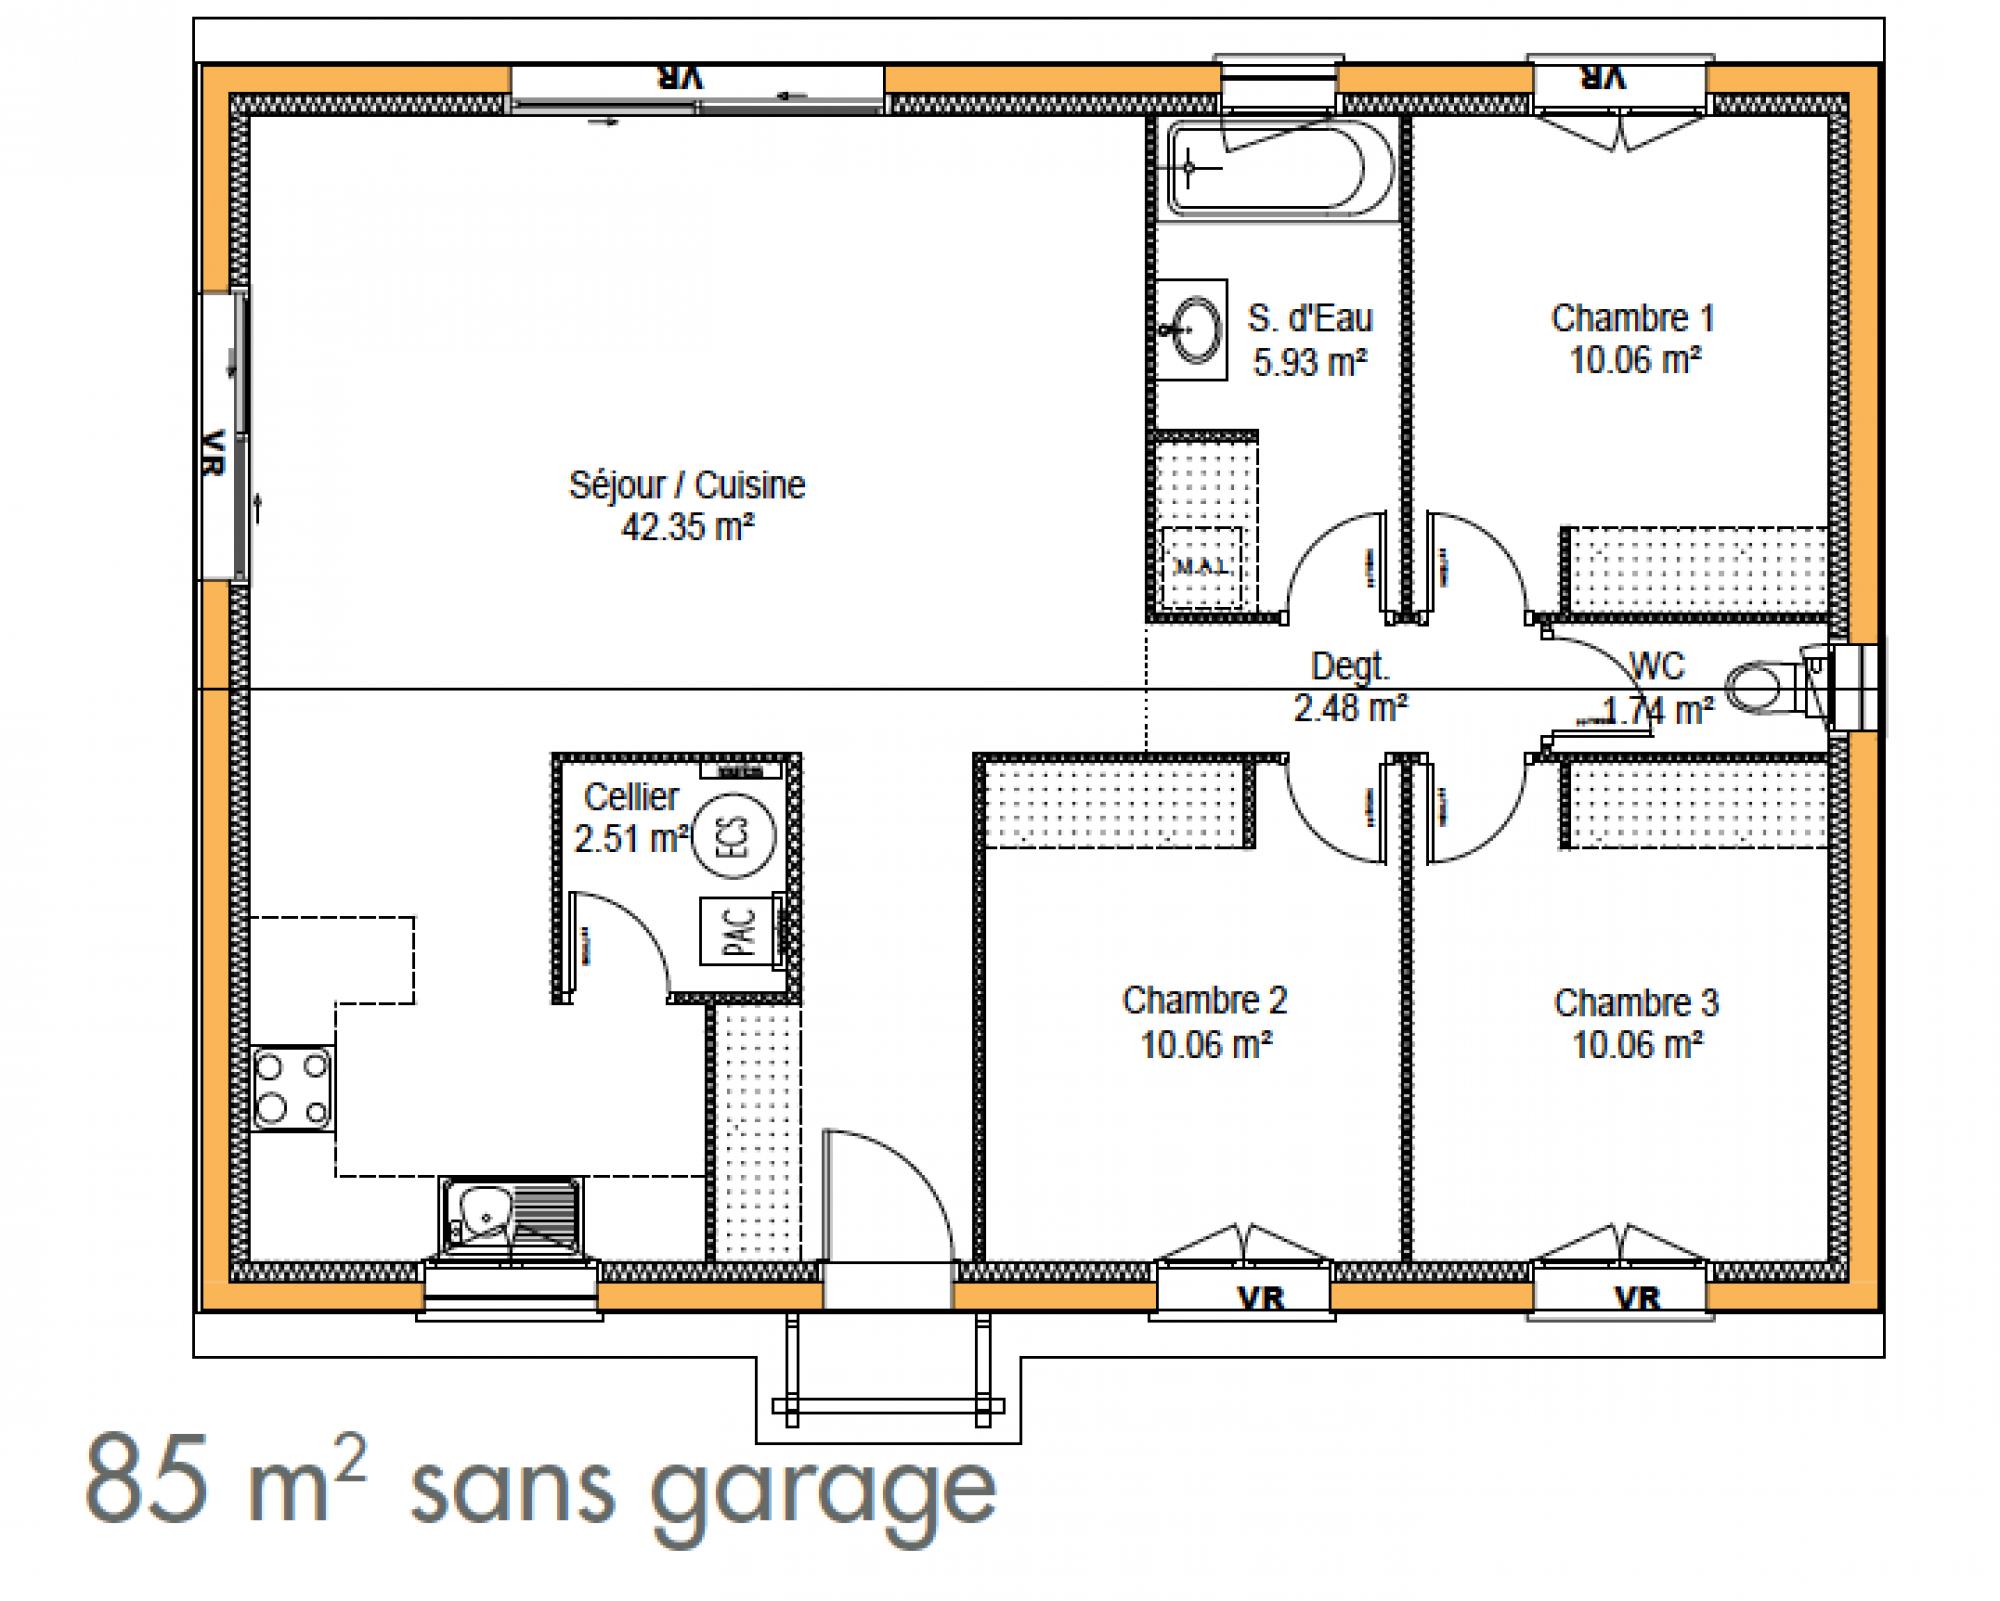 Plans De Maisons Maison Ossature Bois Plan Maison Construction Maison